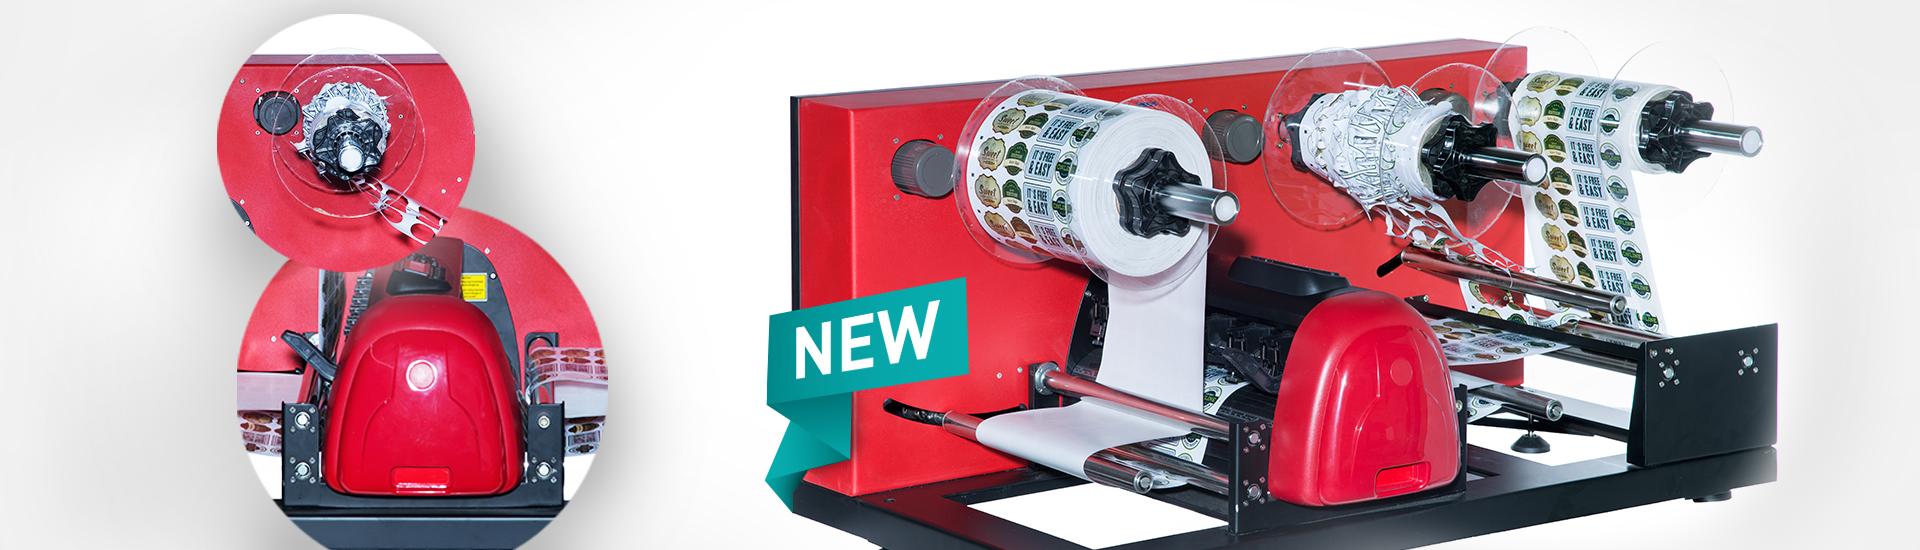 A nova etiqueta LC30 cortador Secabo